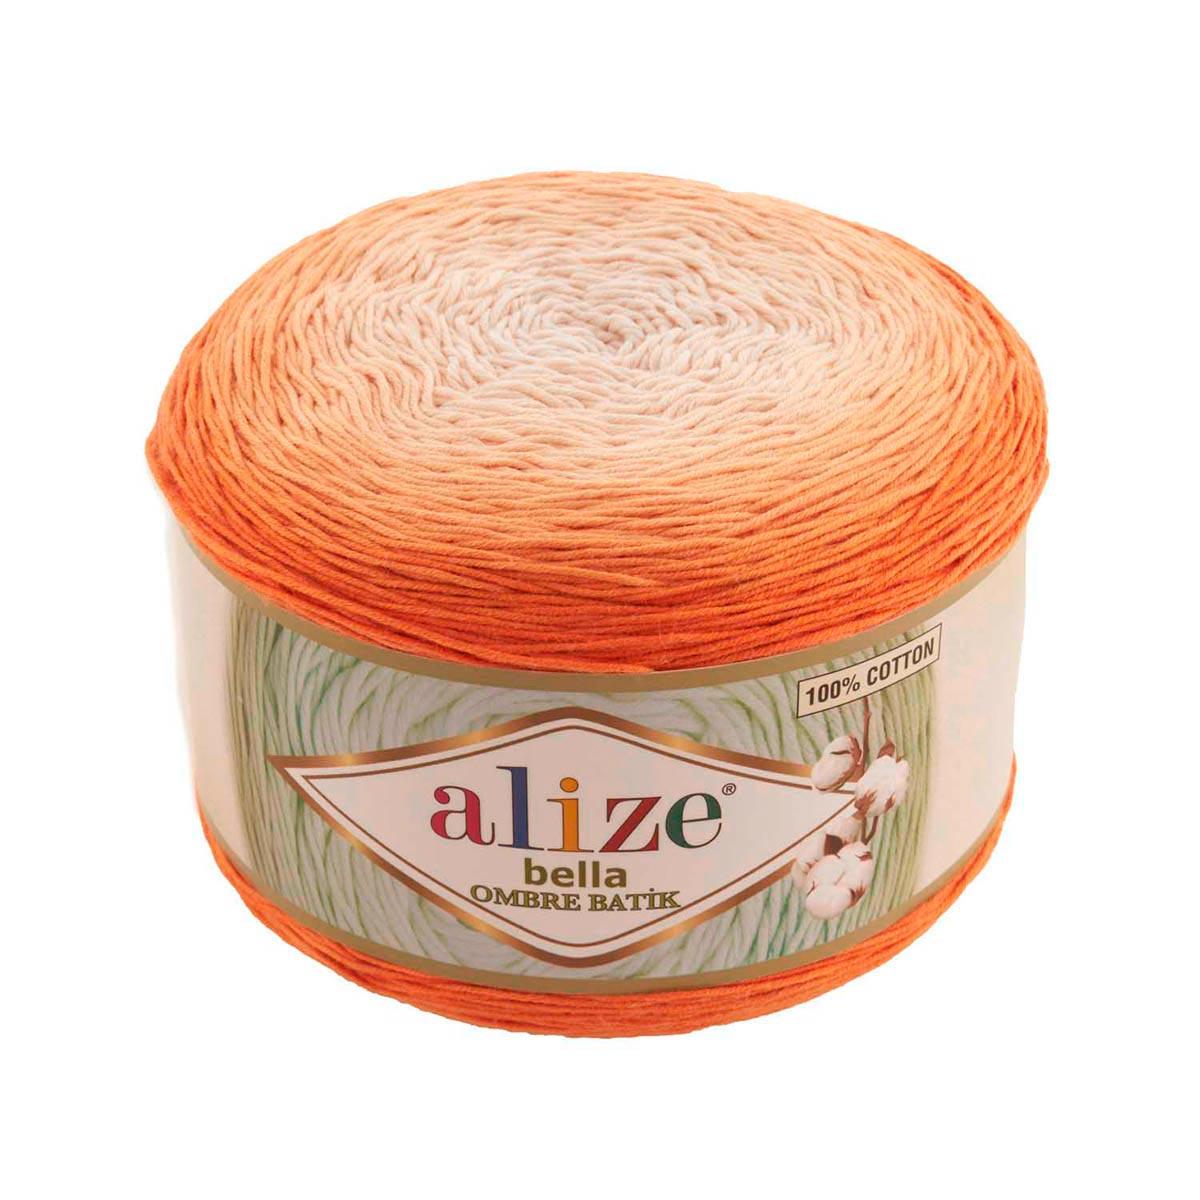 Пряжа Alize 'Bella Ombre Batik' 250г 900м (100% хлопок)